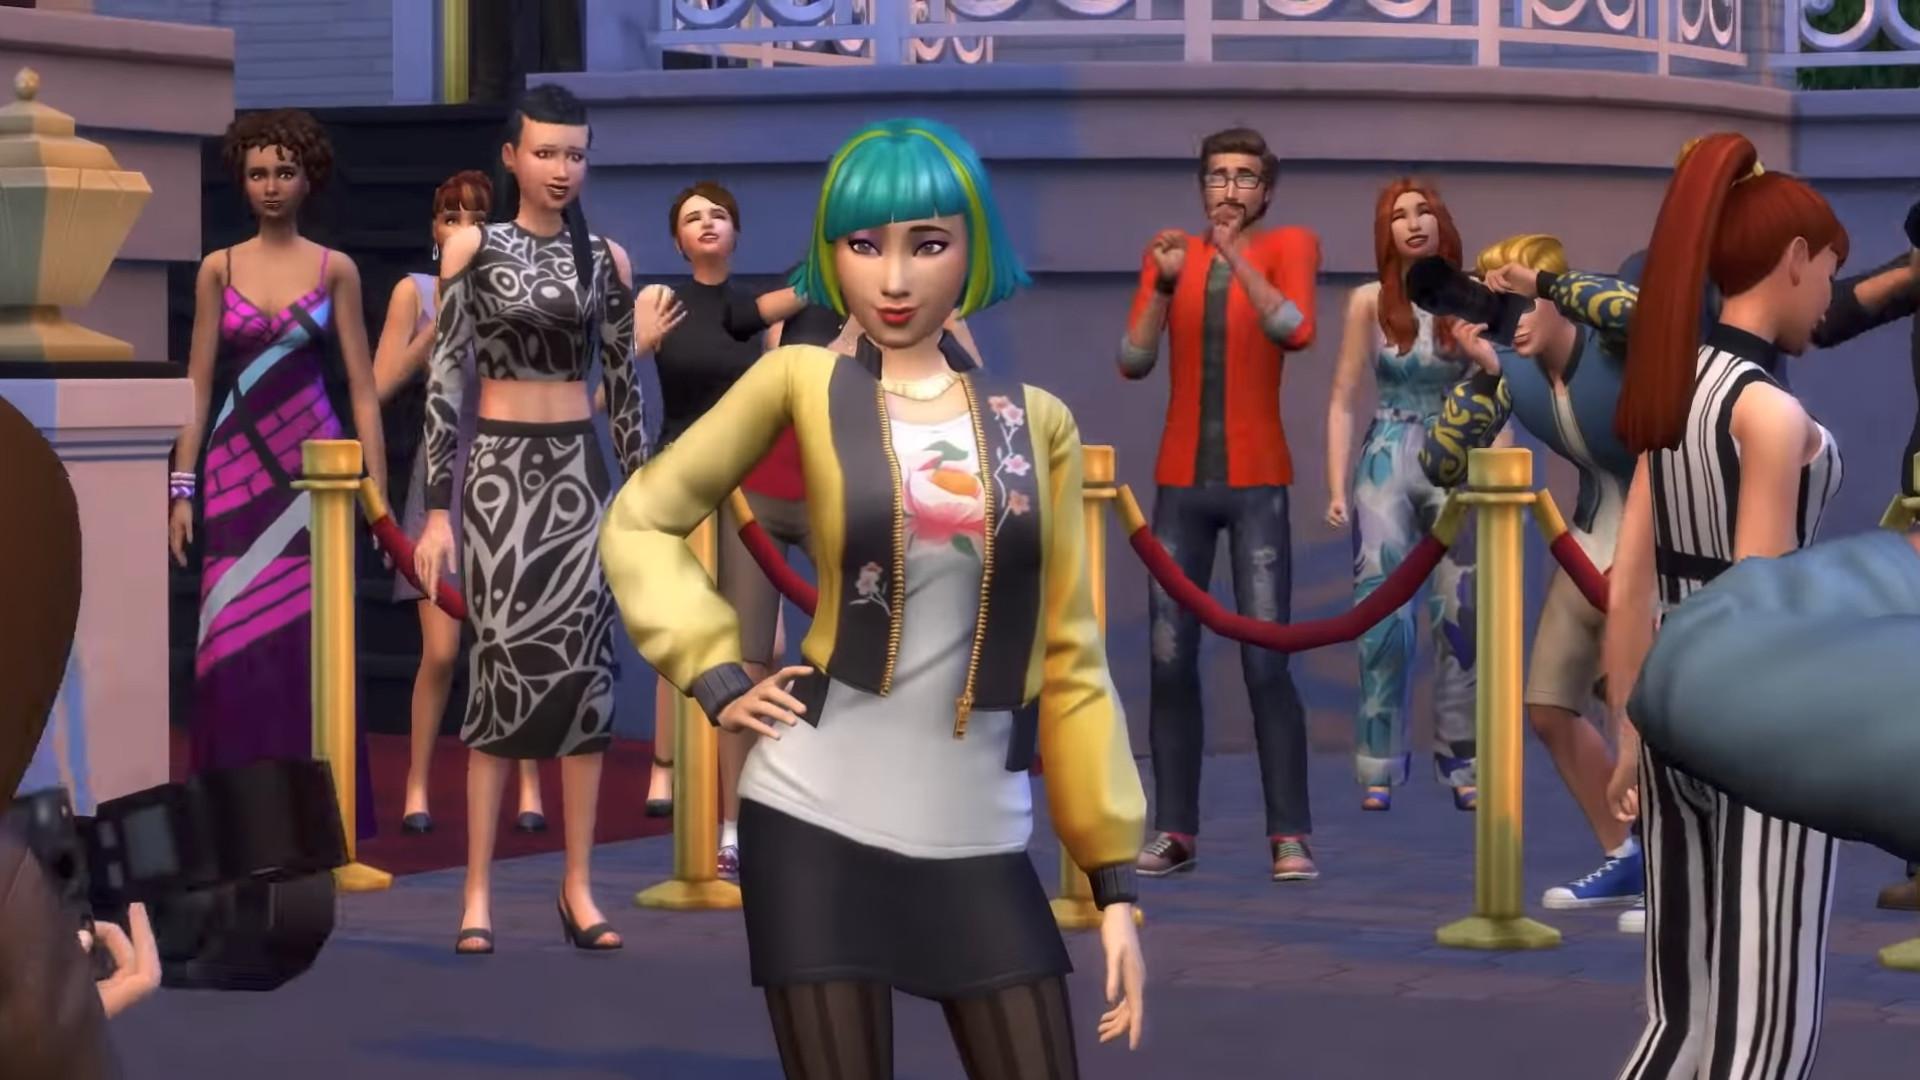 'The Sims' deixa-o cumprir o sonho de ser um 'youtuber'